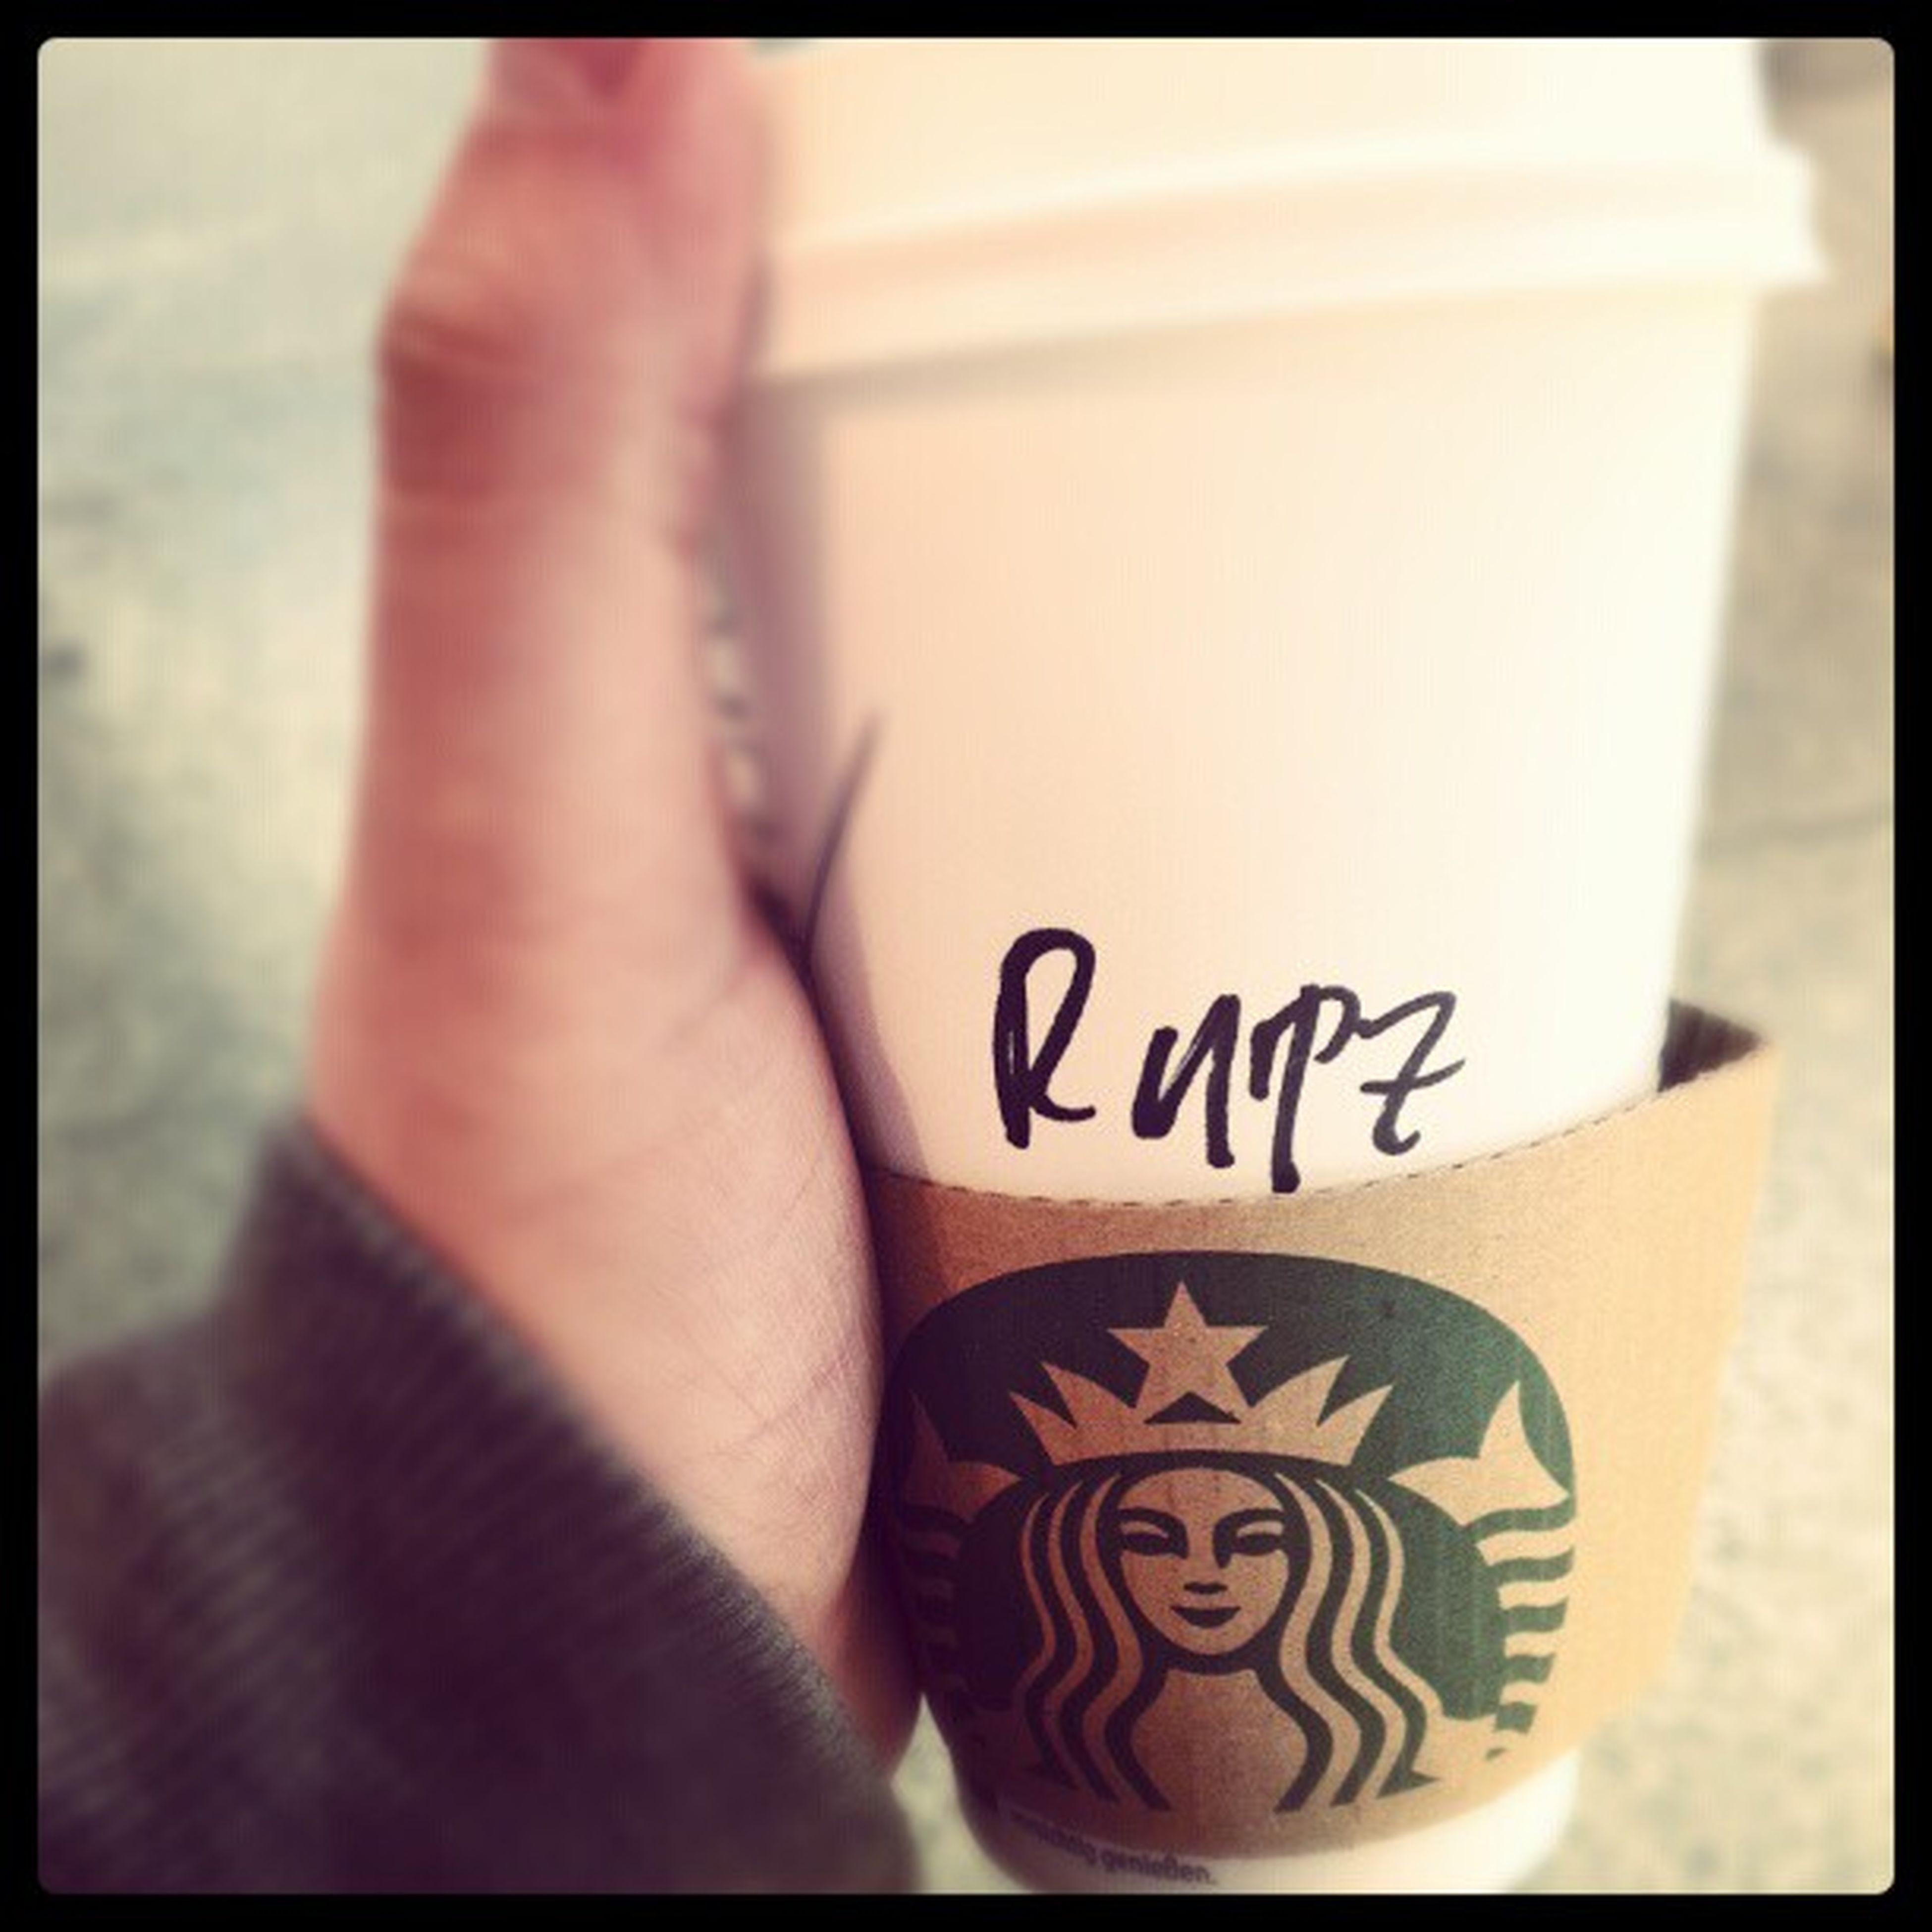 Wer auch immer dieser Rupz ist - danke für den Kaffee. Brannon Coffee Kaffee Starbucks igersgermany igersmunich